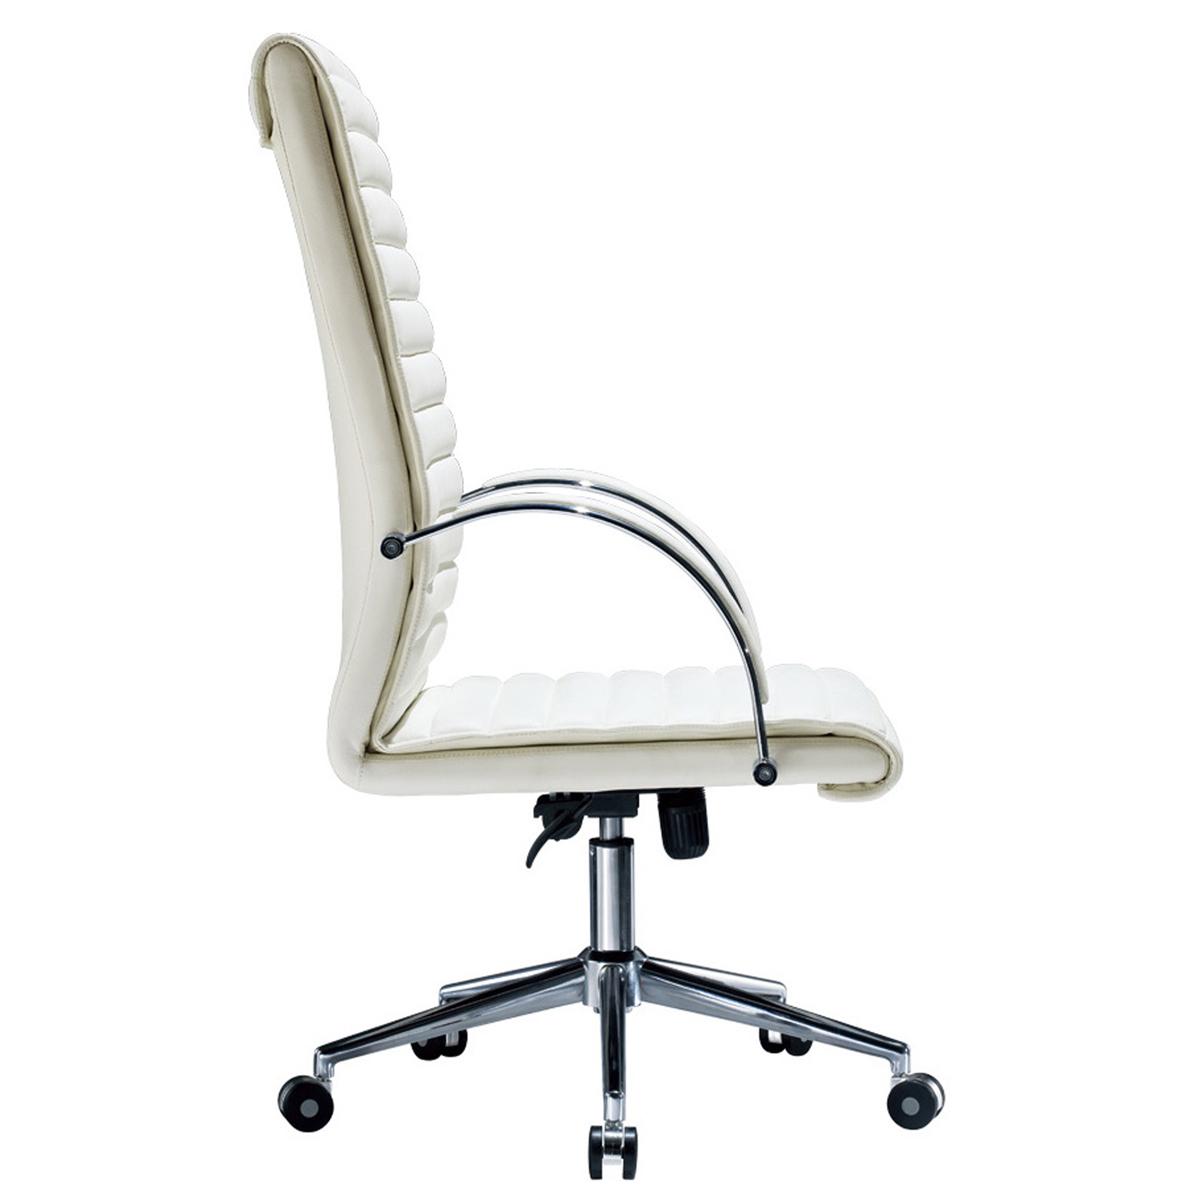 Lựa chọn ghế văn phòng phù hợp với mục đích sử dụng